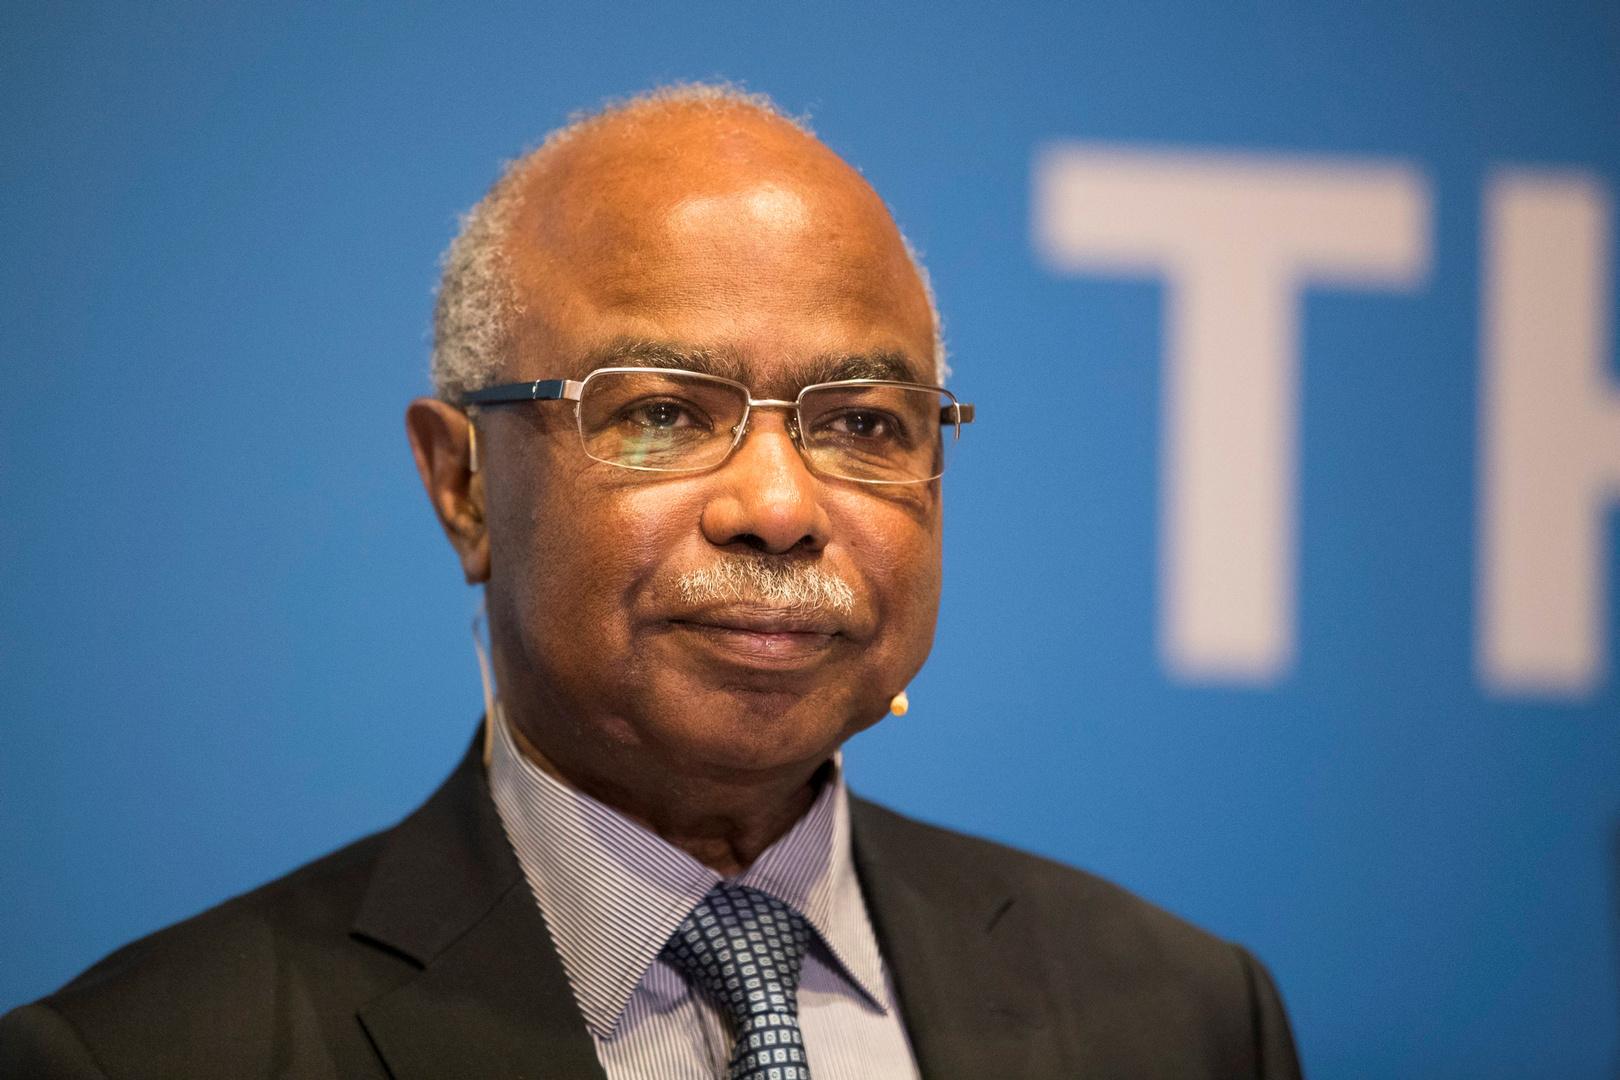 الأمين العام الجديد لمنظمة التعاون الإسلامي، حسين إبراهيم طه